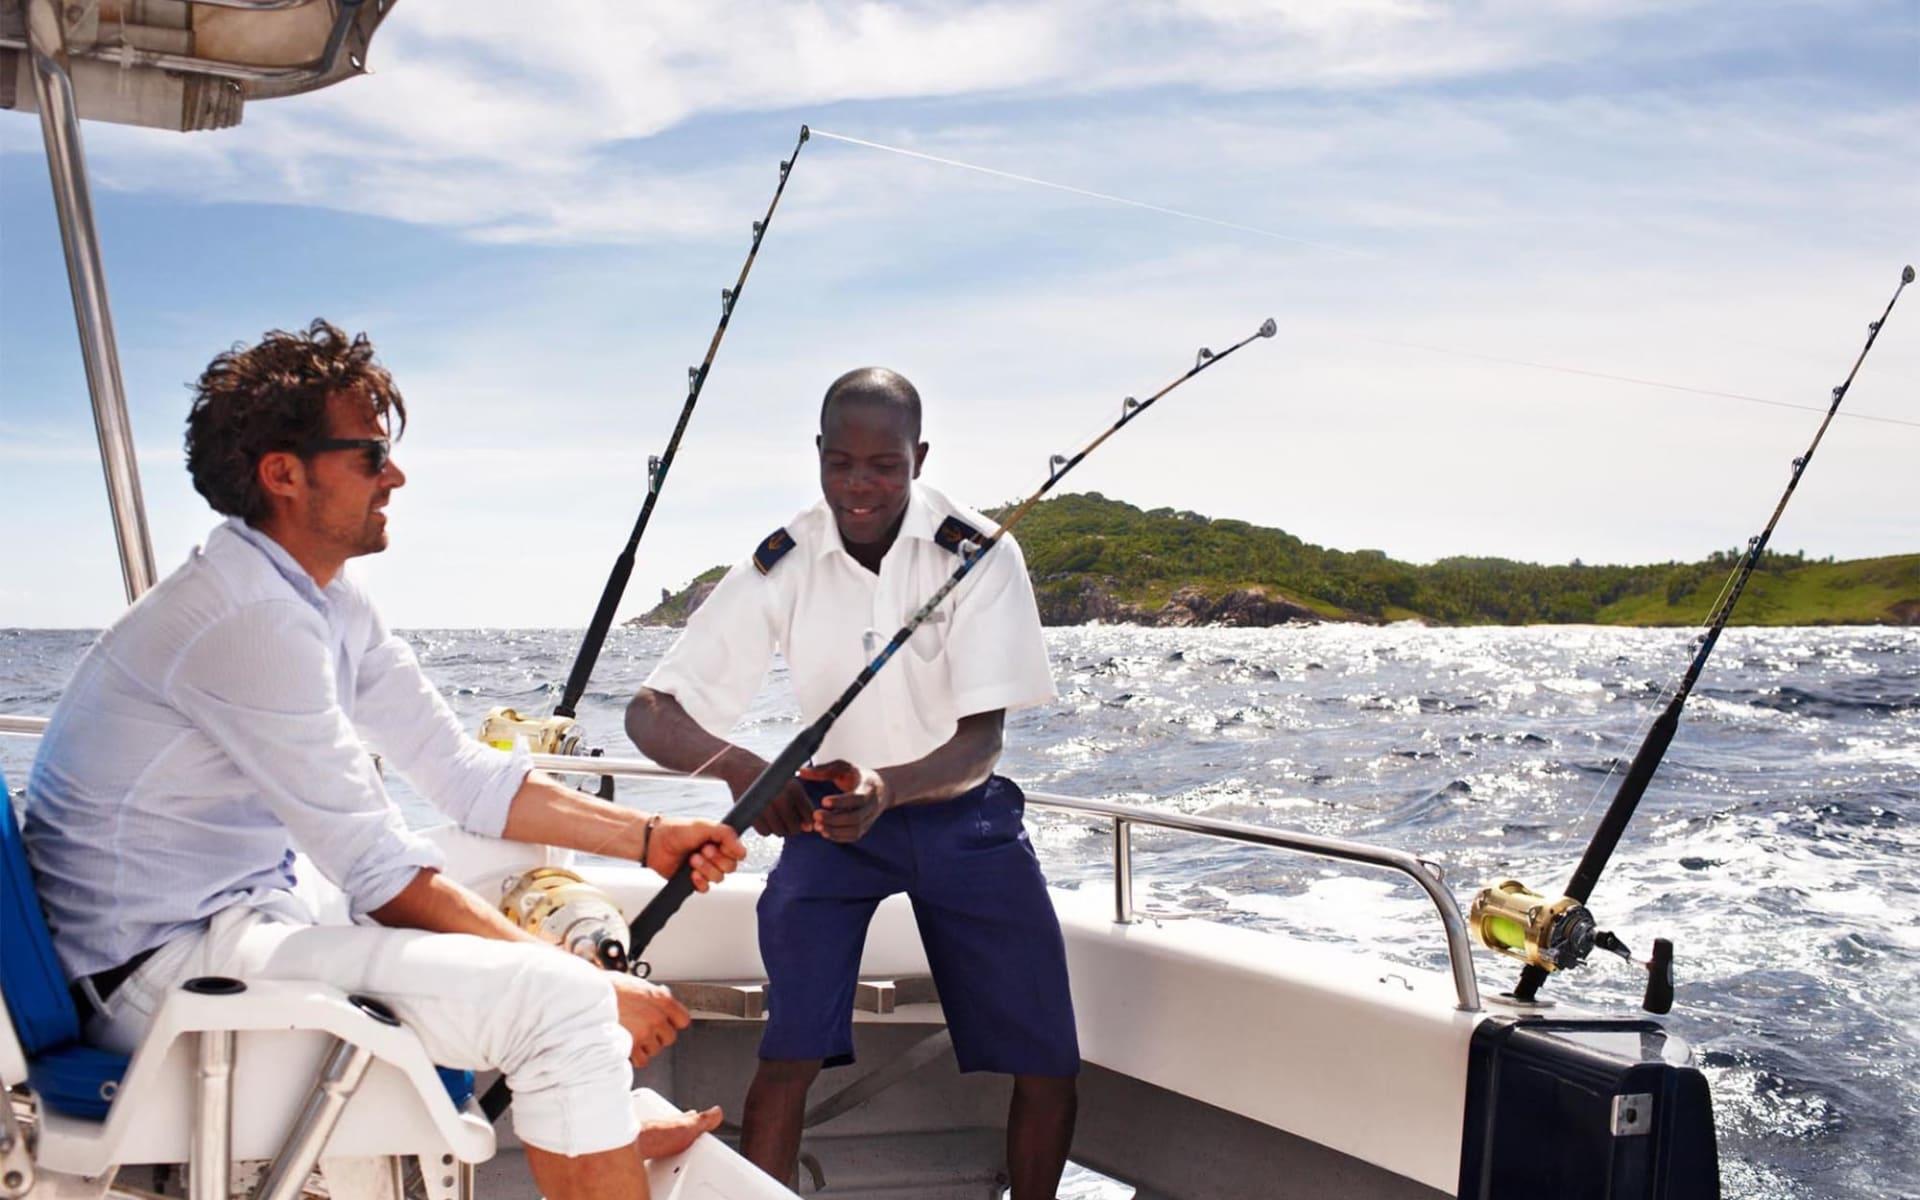 Fregate Island Private in Frégate Island:  fishing